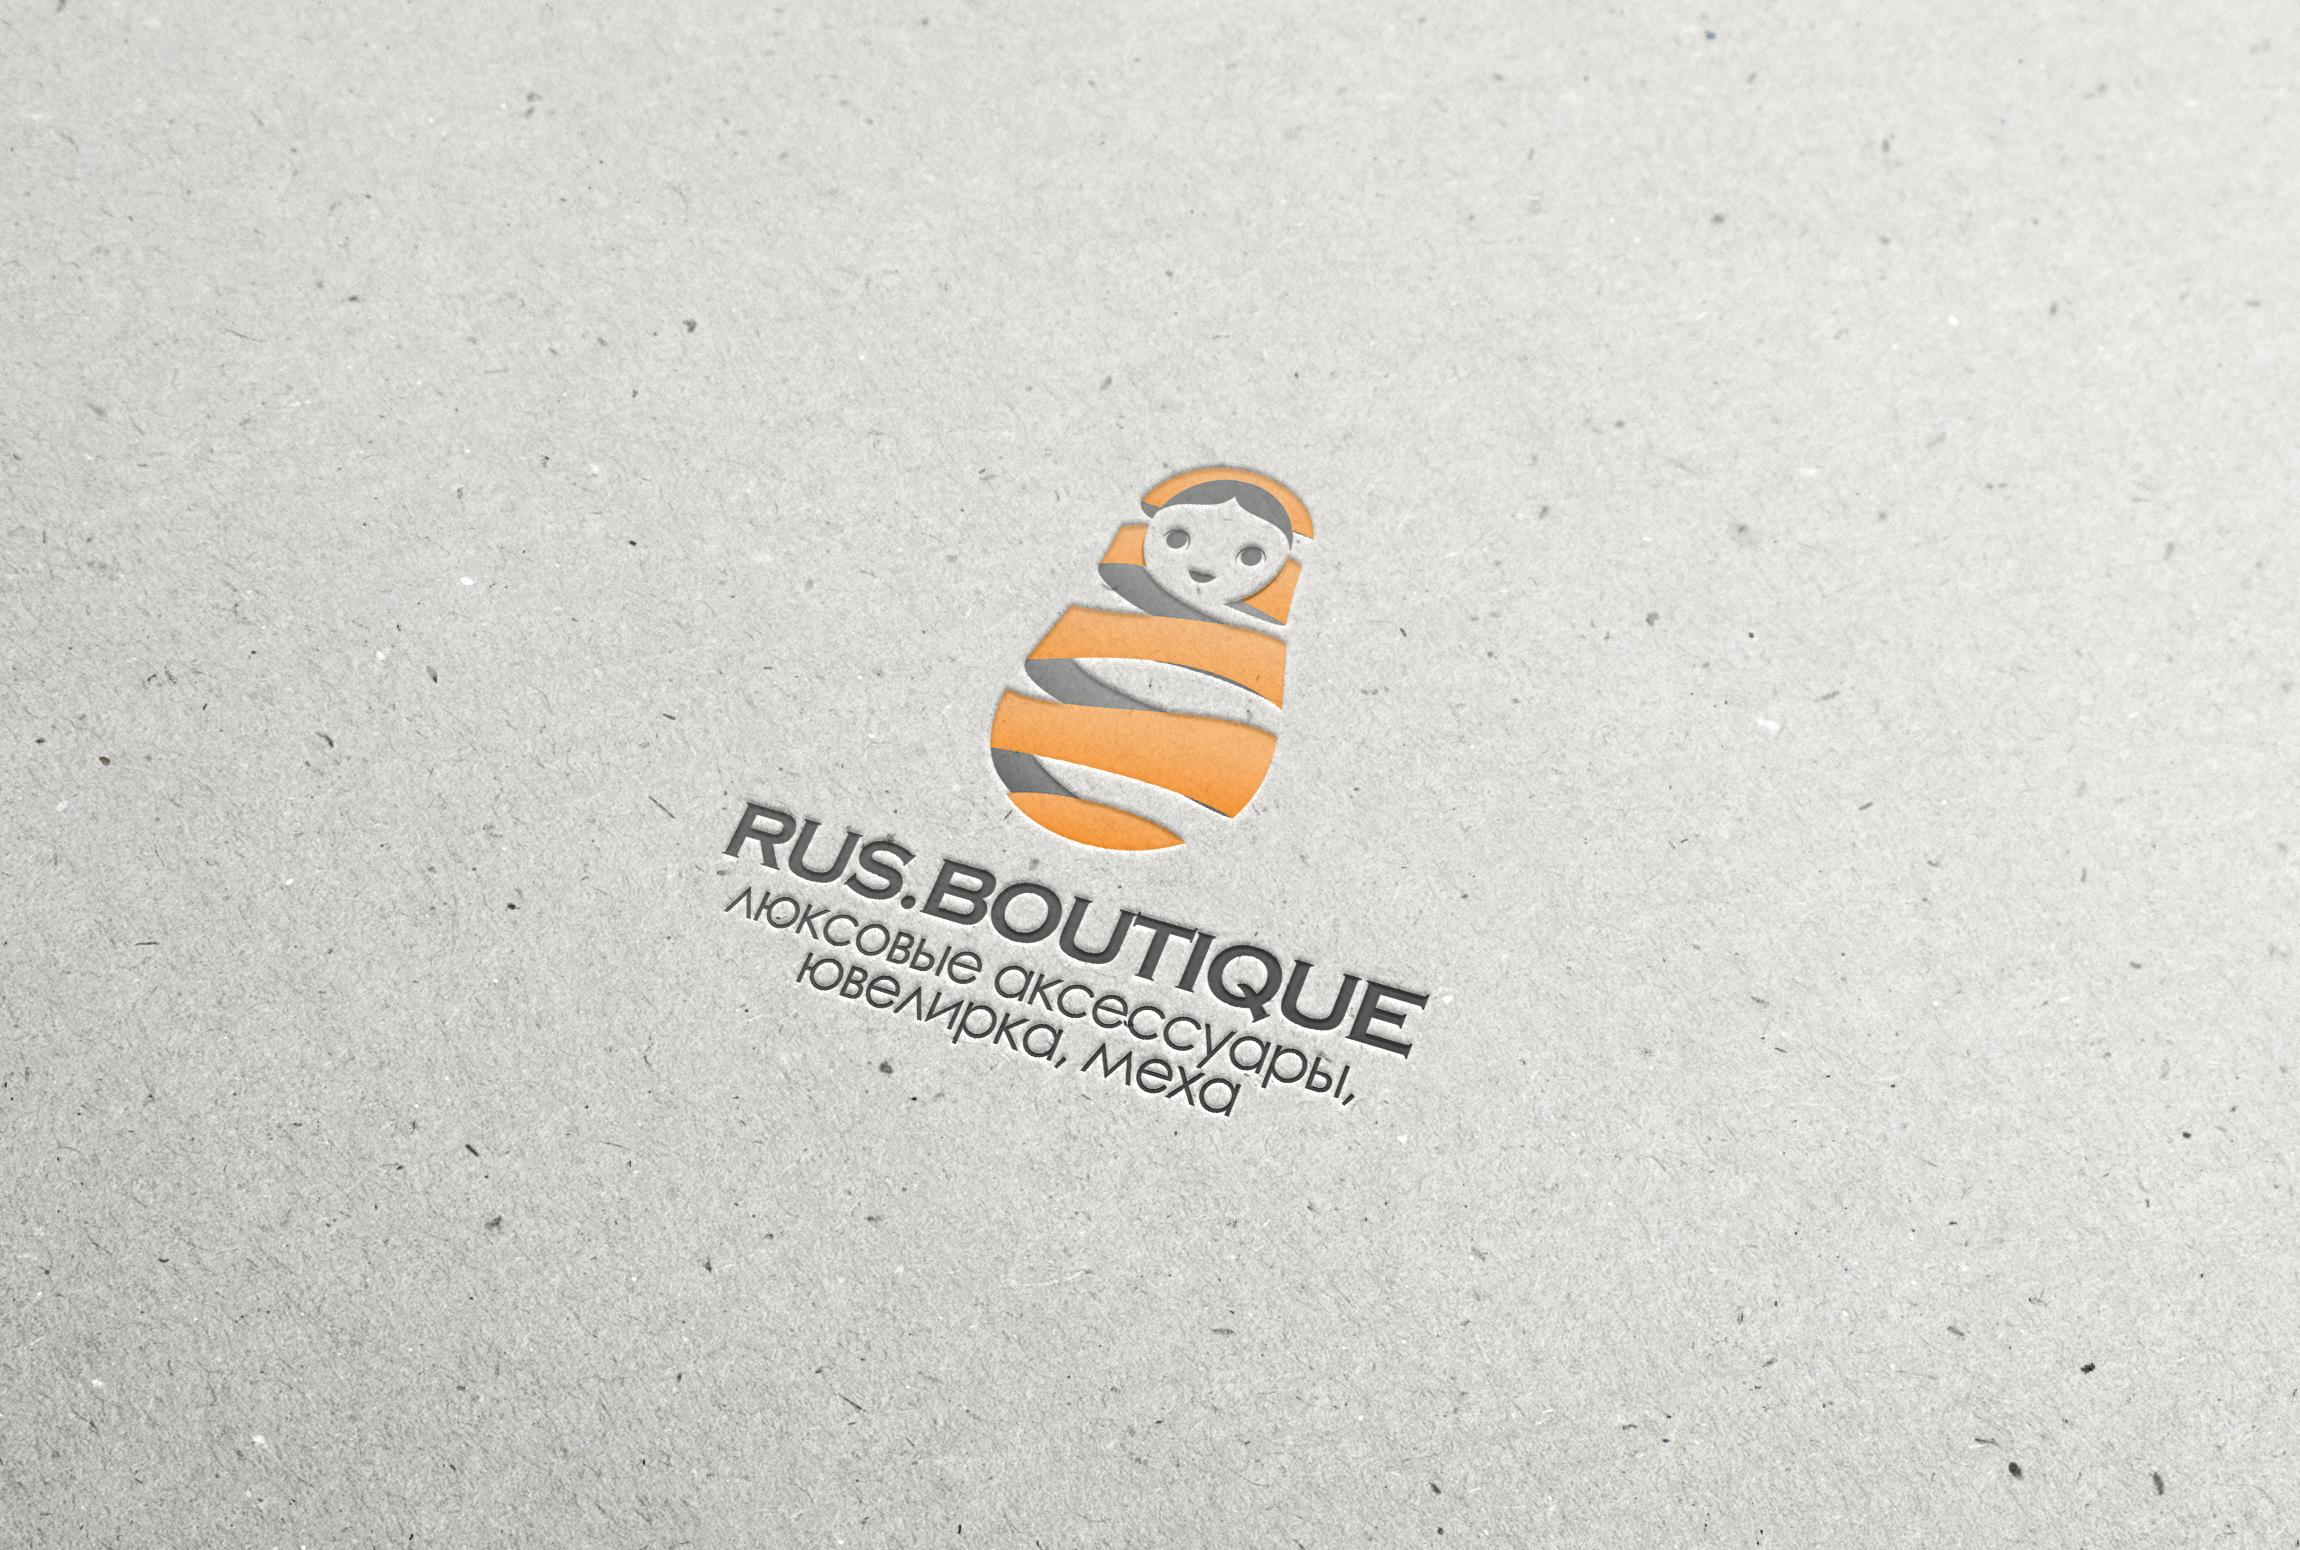 Rus.Boutique